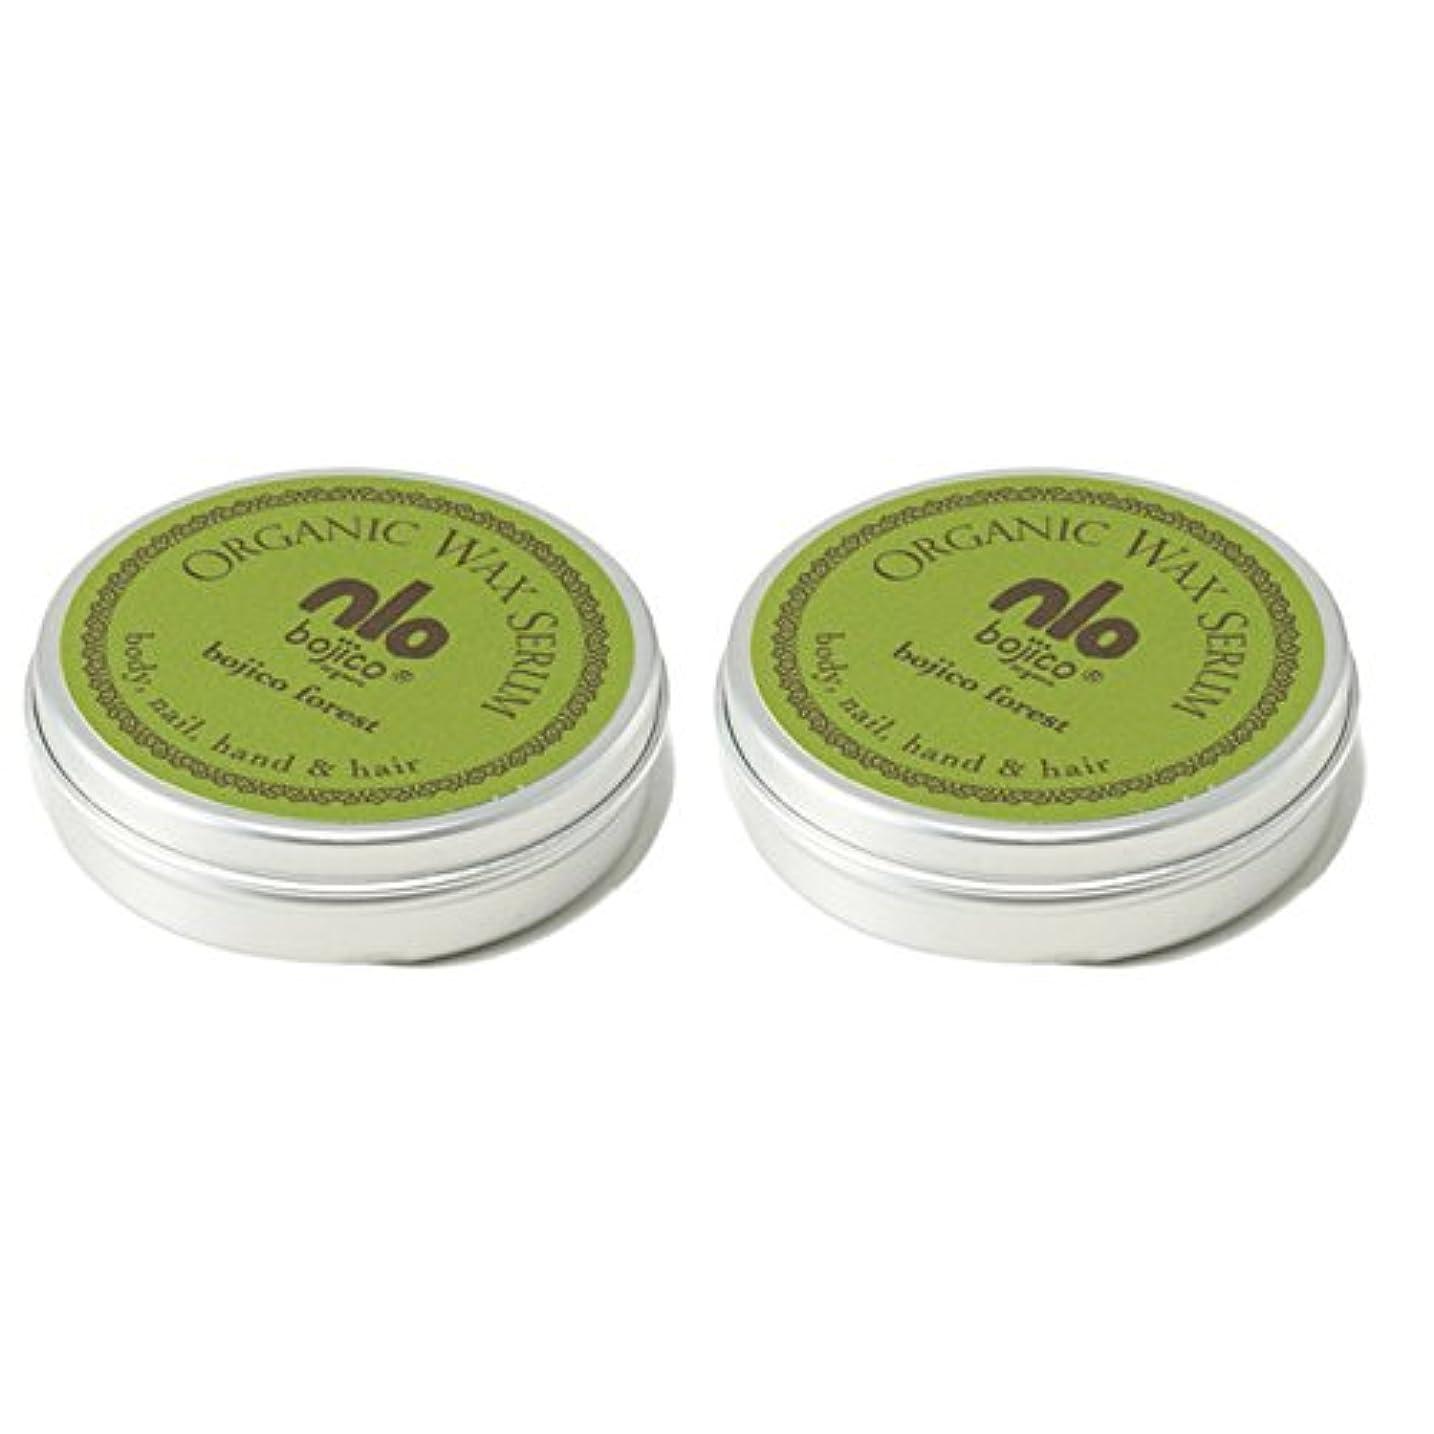 脊椎テロフィクション【40g×2個セット】 ボジコ オーガニック ワックス セラム <フォレスト> bojico Organic Wax Serum 40g×2